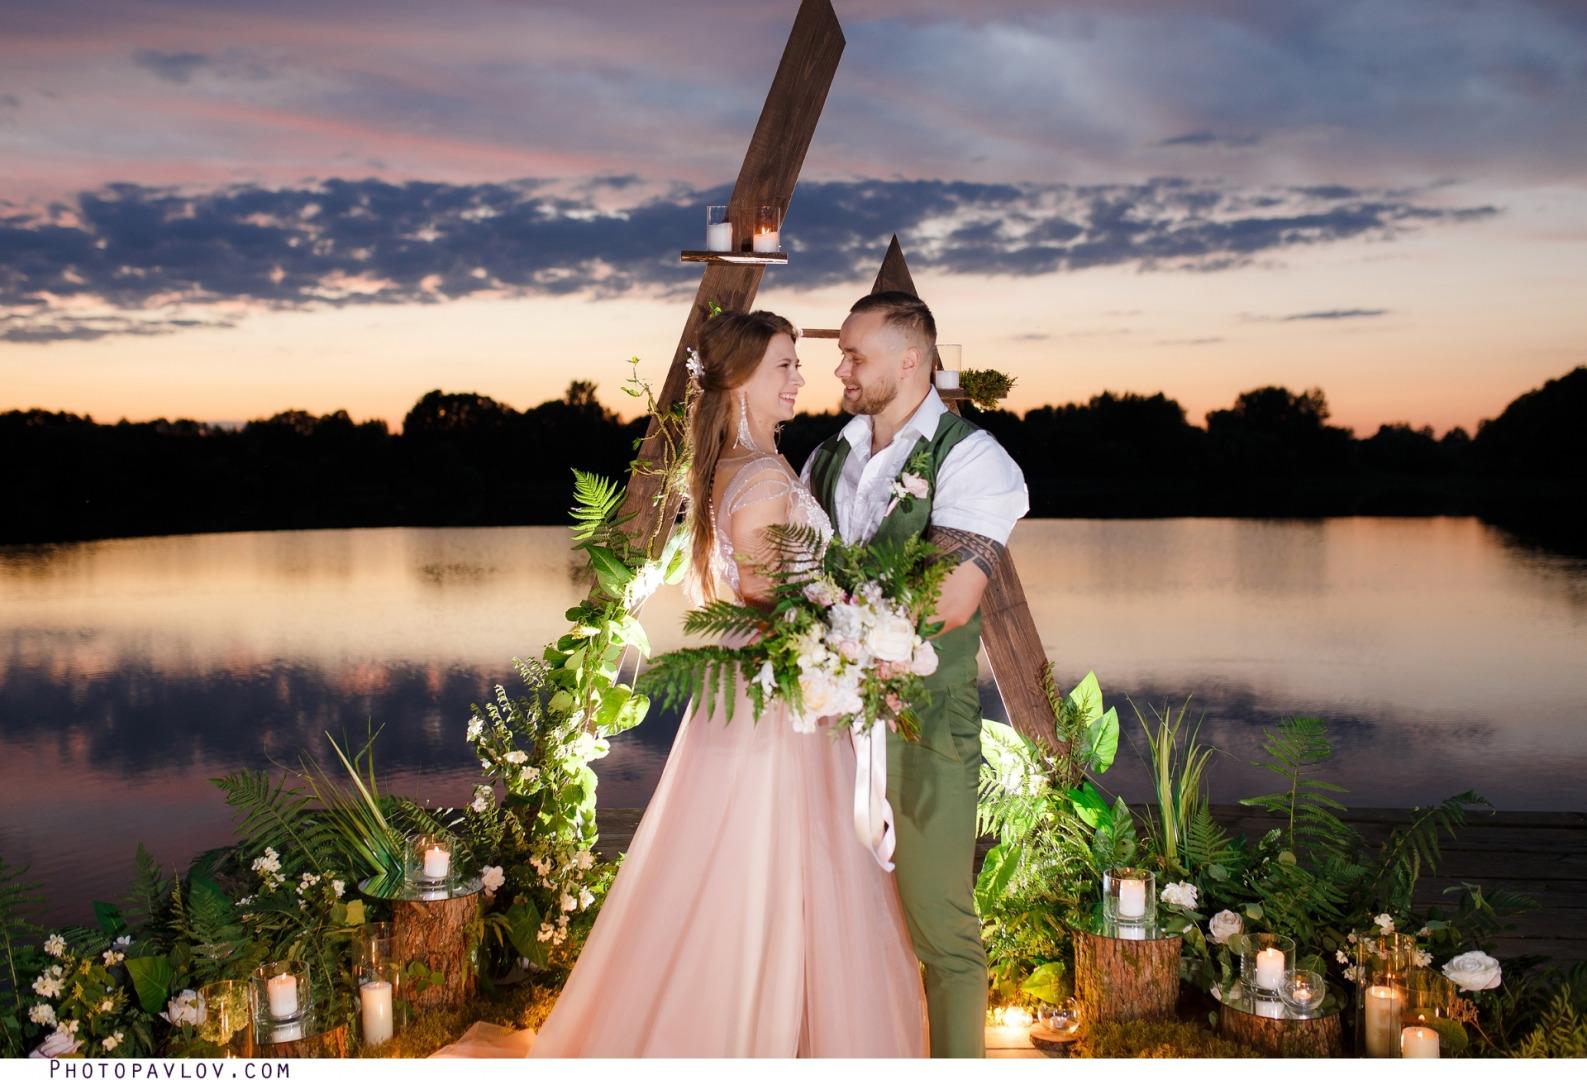 деятельность свадебные фотографы витебска маловат, семьей